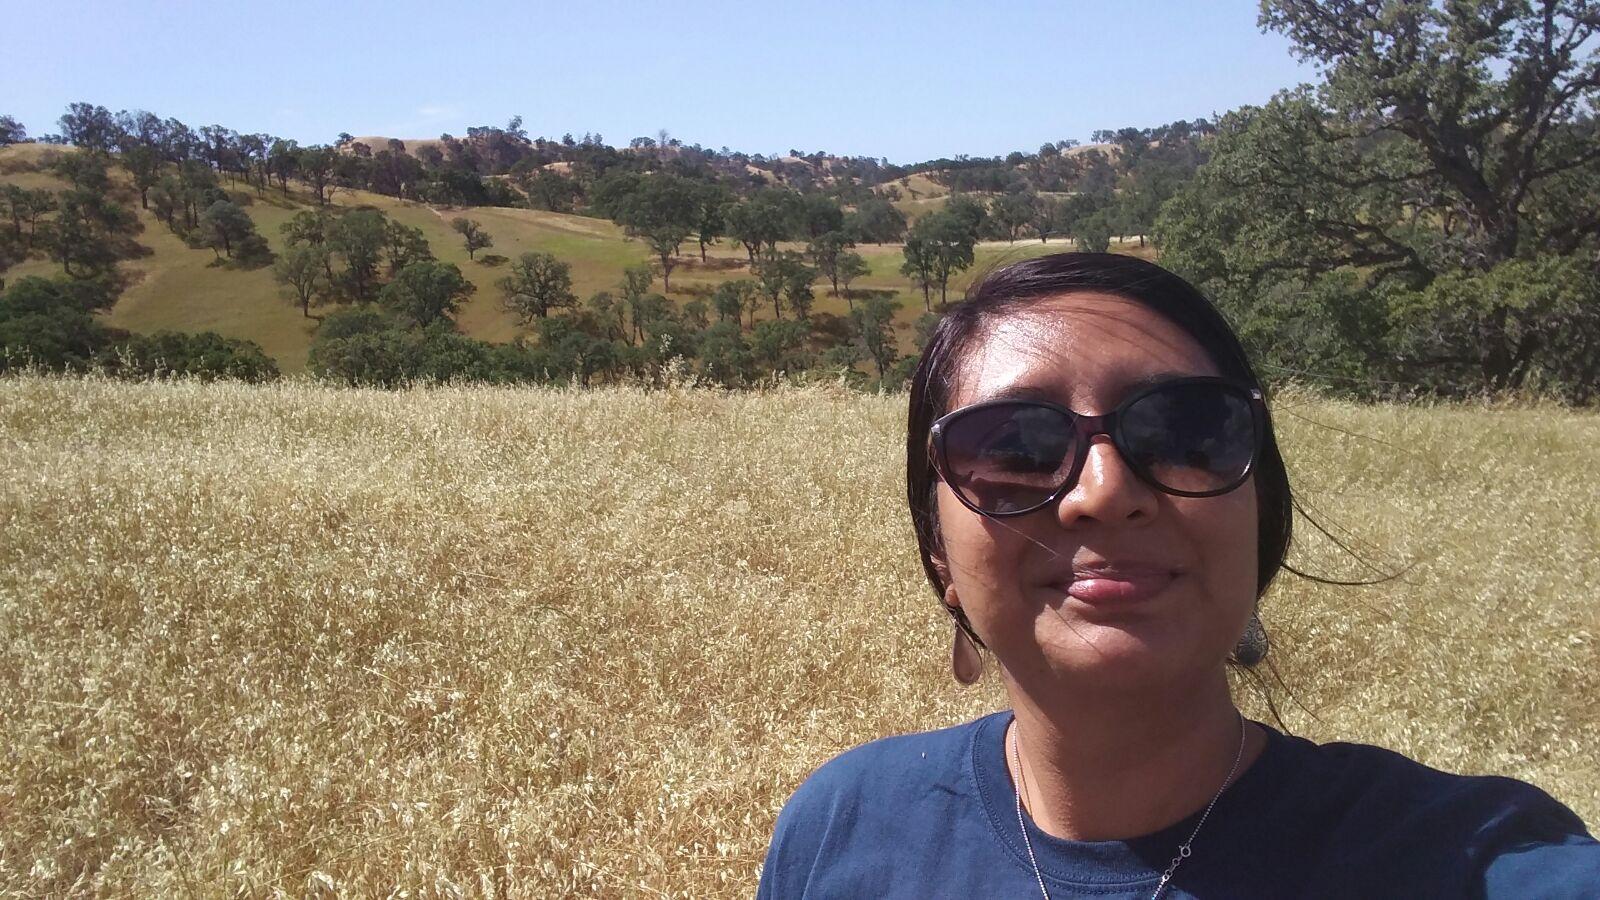 Here I am at Bobcat Ranch